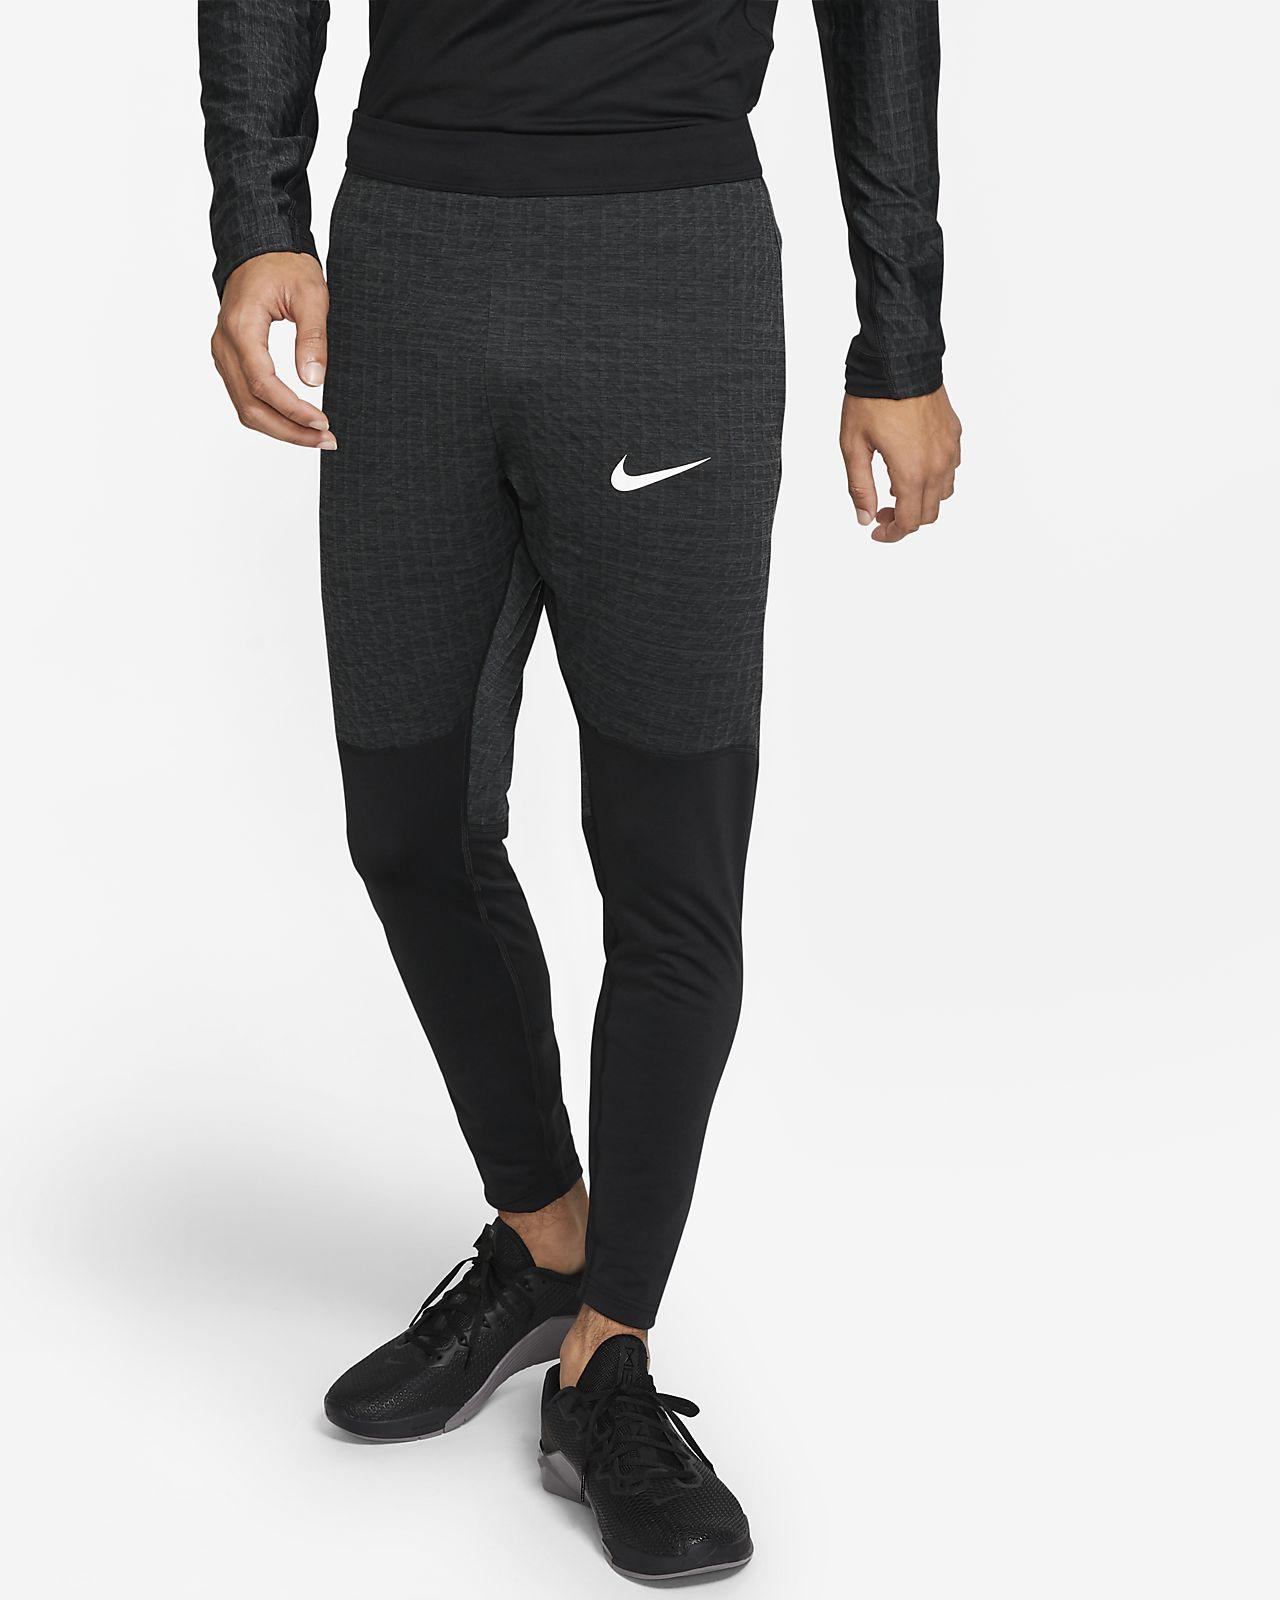 Nike Pro-træningstights til mænd